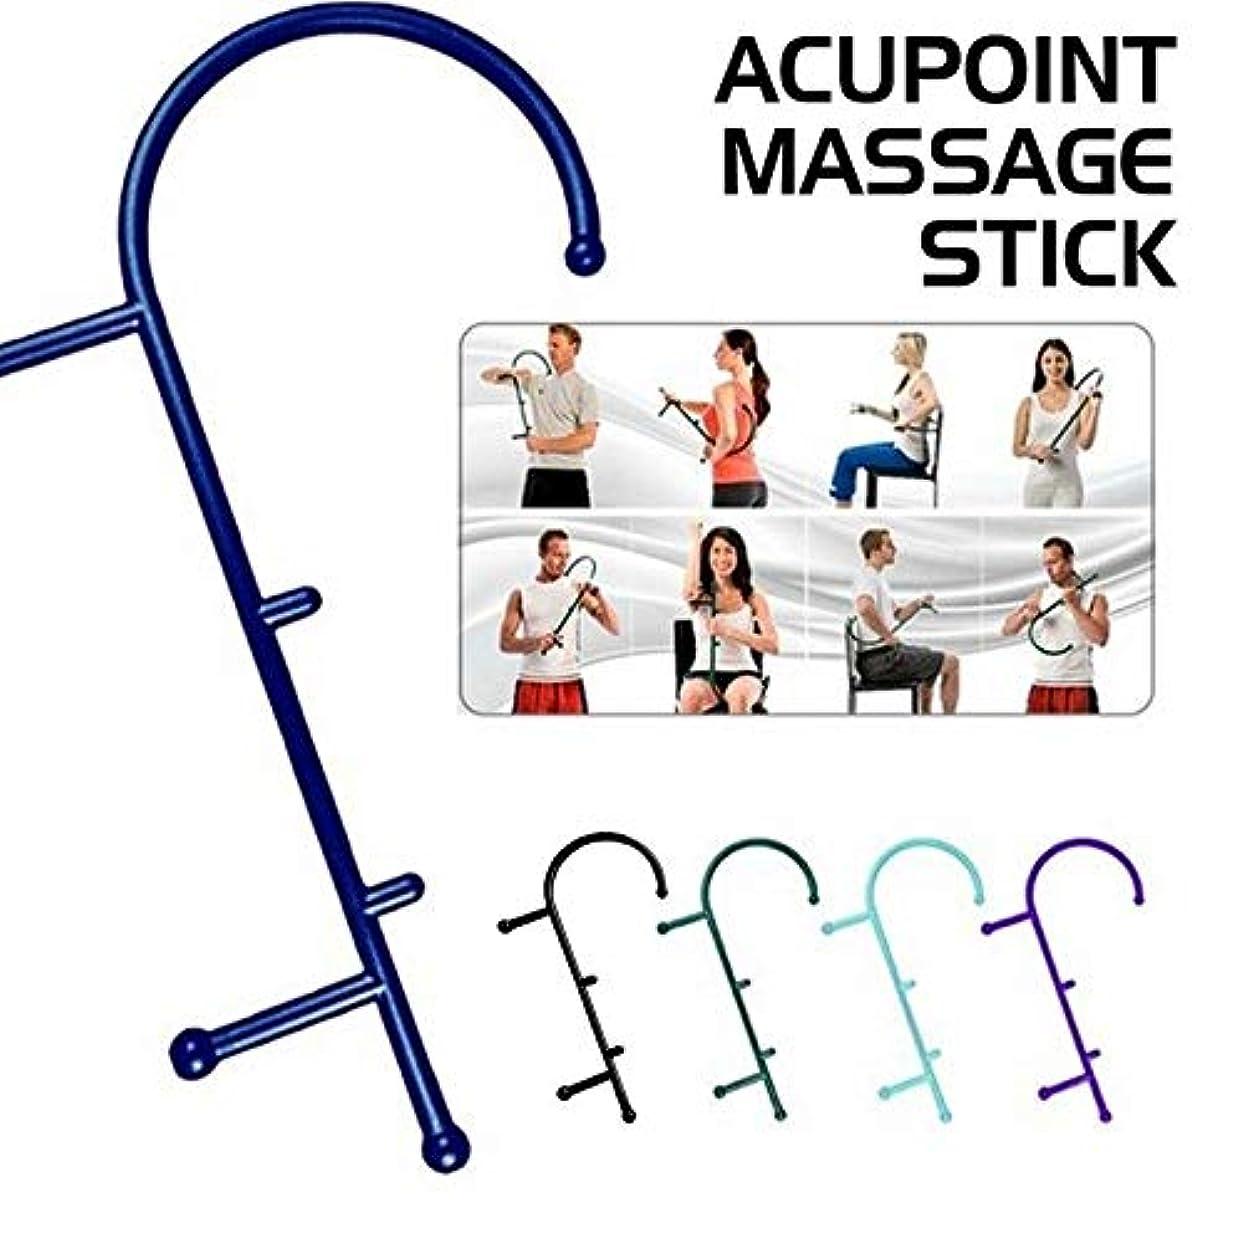 必要性公使館石灰岩Full Body Cane Back Hook Massager Neck Self Muscle Pressure Stick Tool Acupoint Massage St